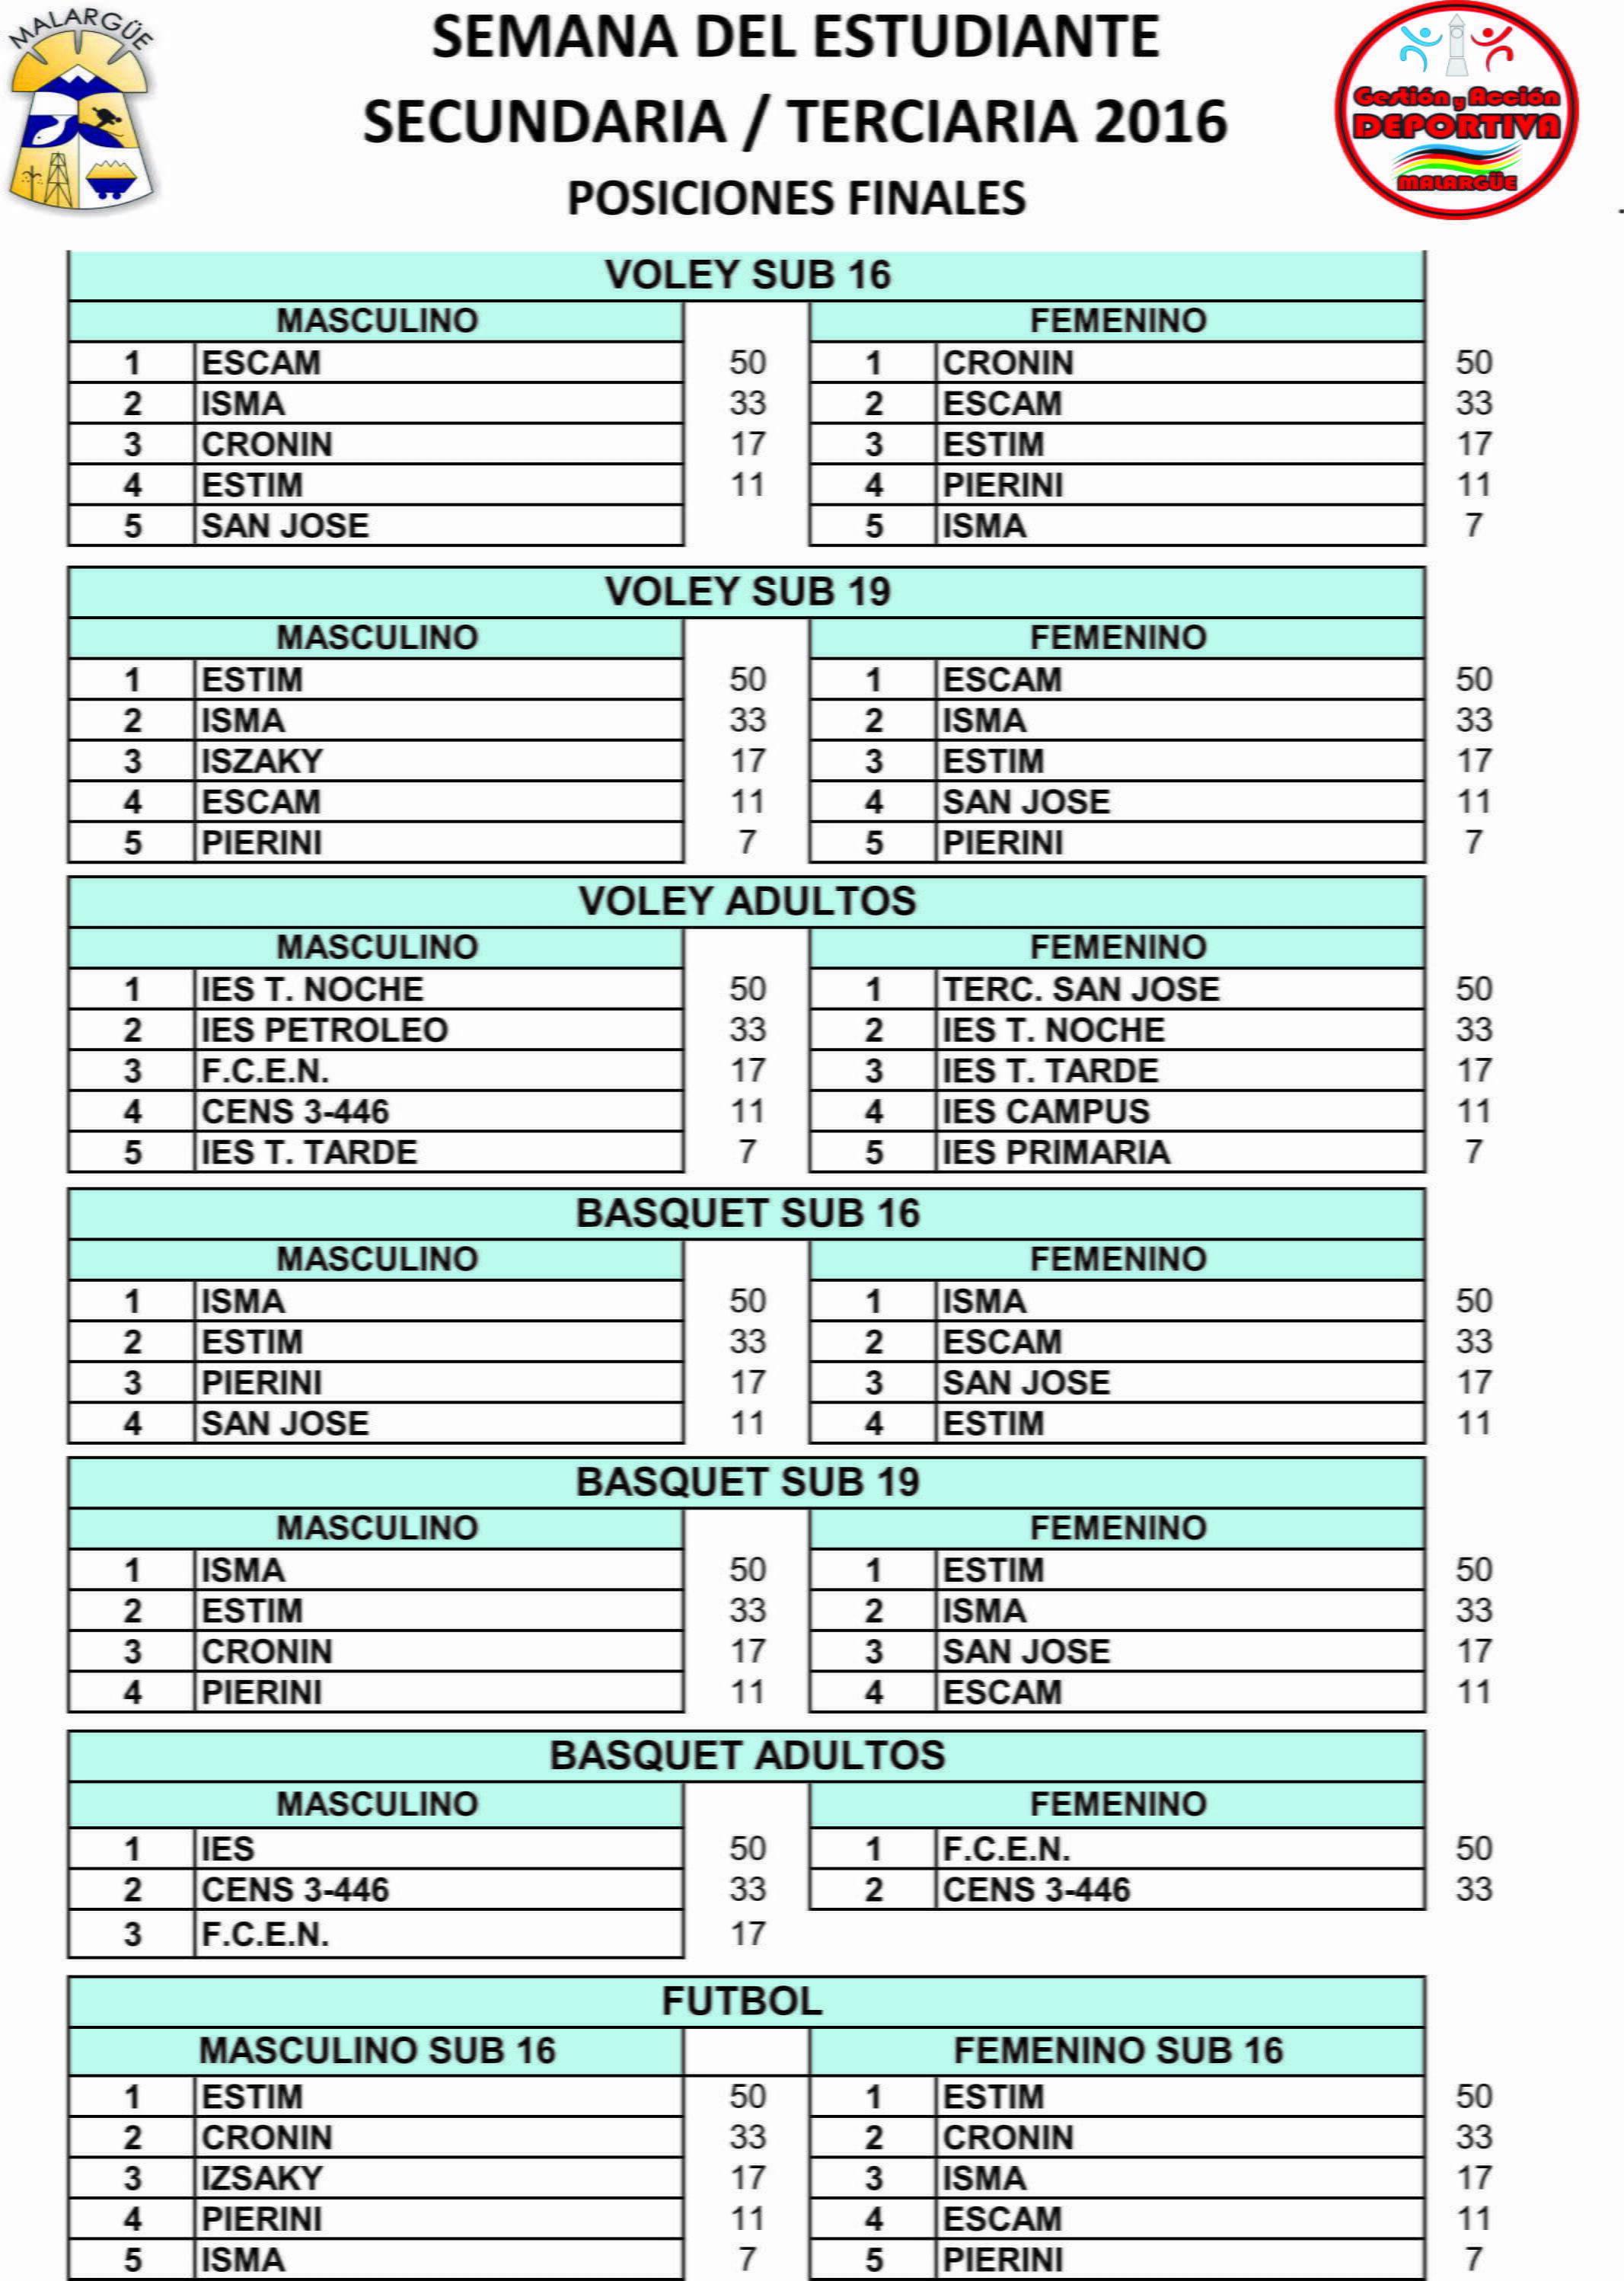 posiciones-finales-2016-1